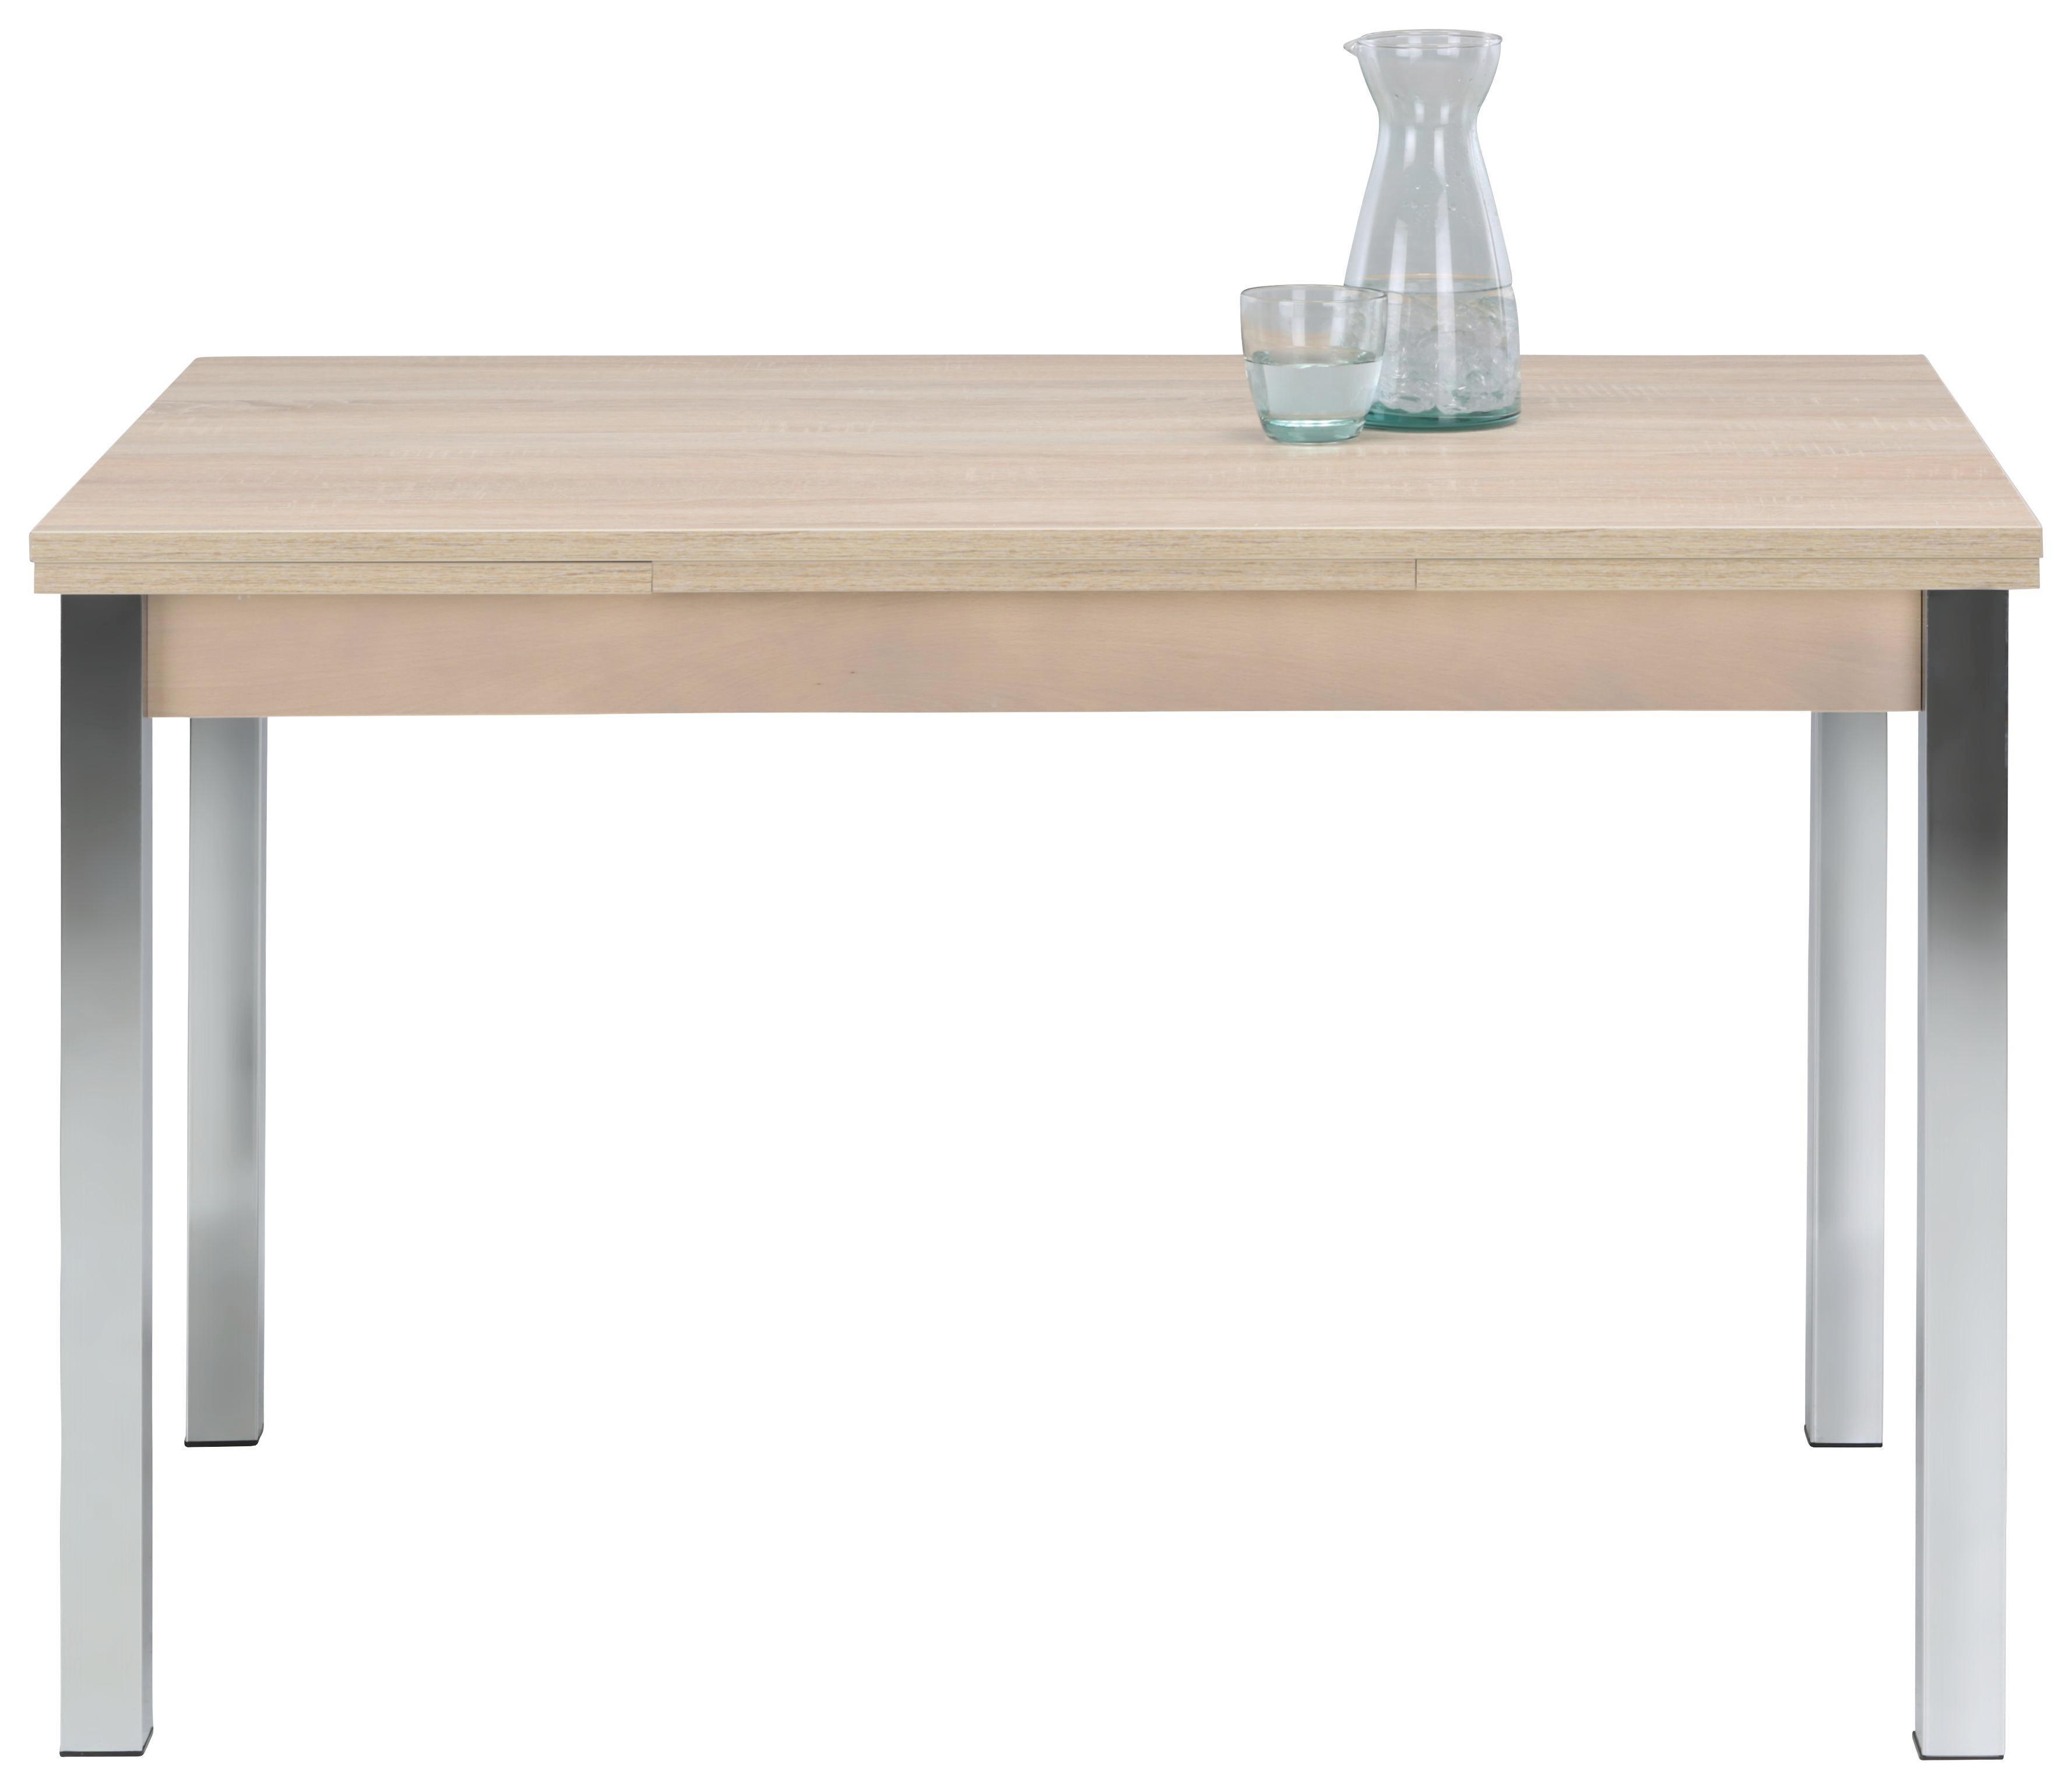 esstisch-n-sonoma-eiche-sonoma-eiche-holzwerkstoff-moemax-modern-living Luxe De Ikea Table Ronde Conception